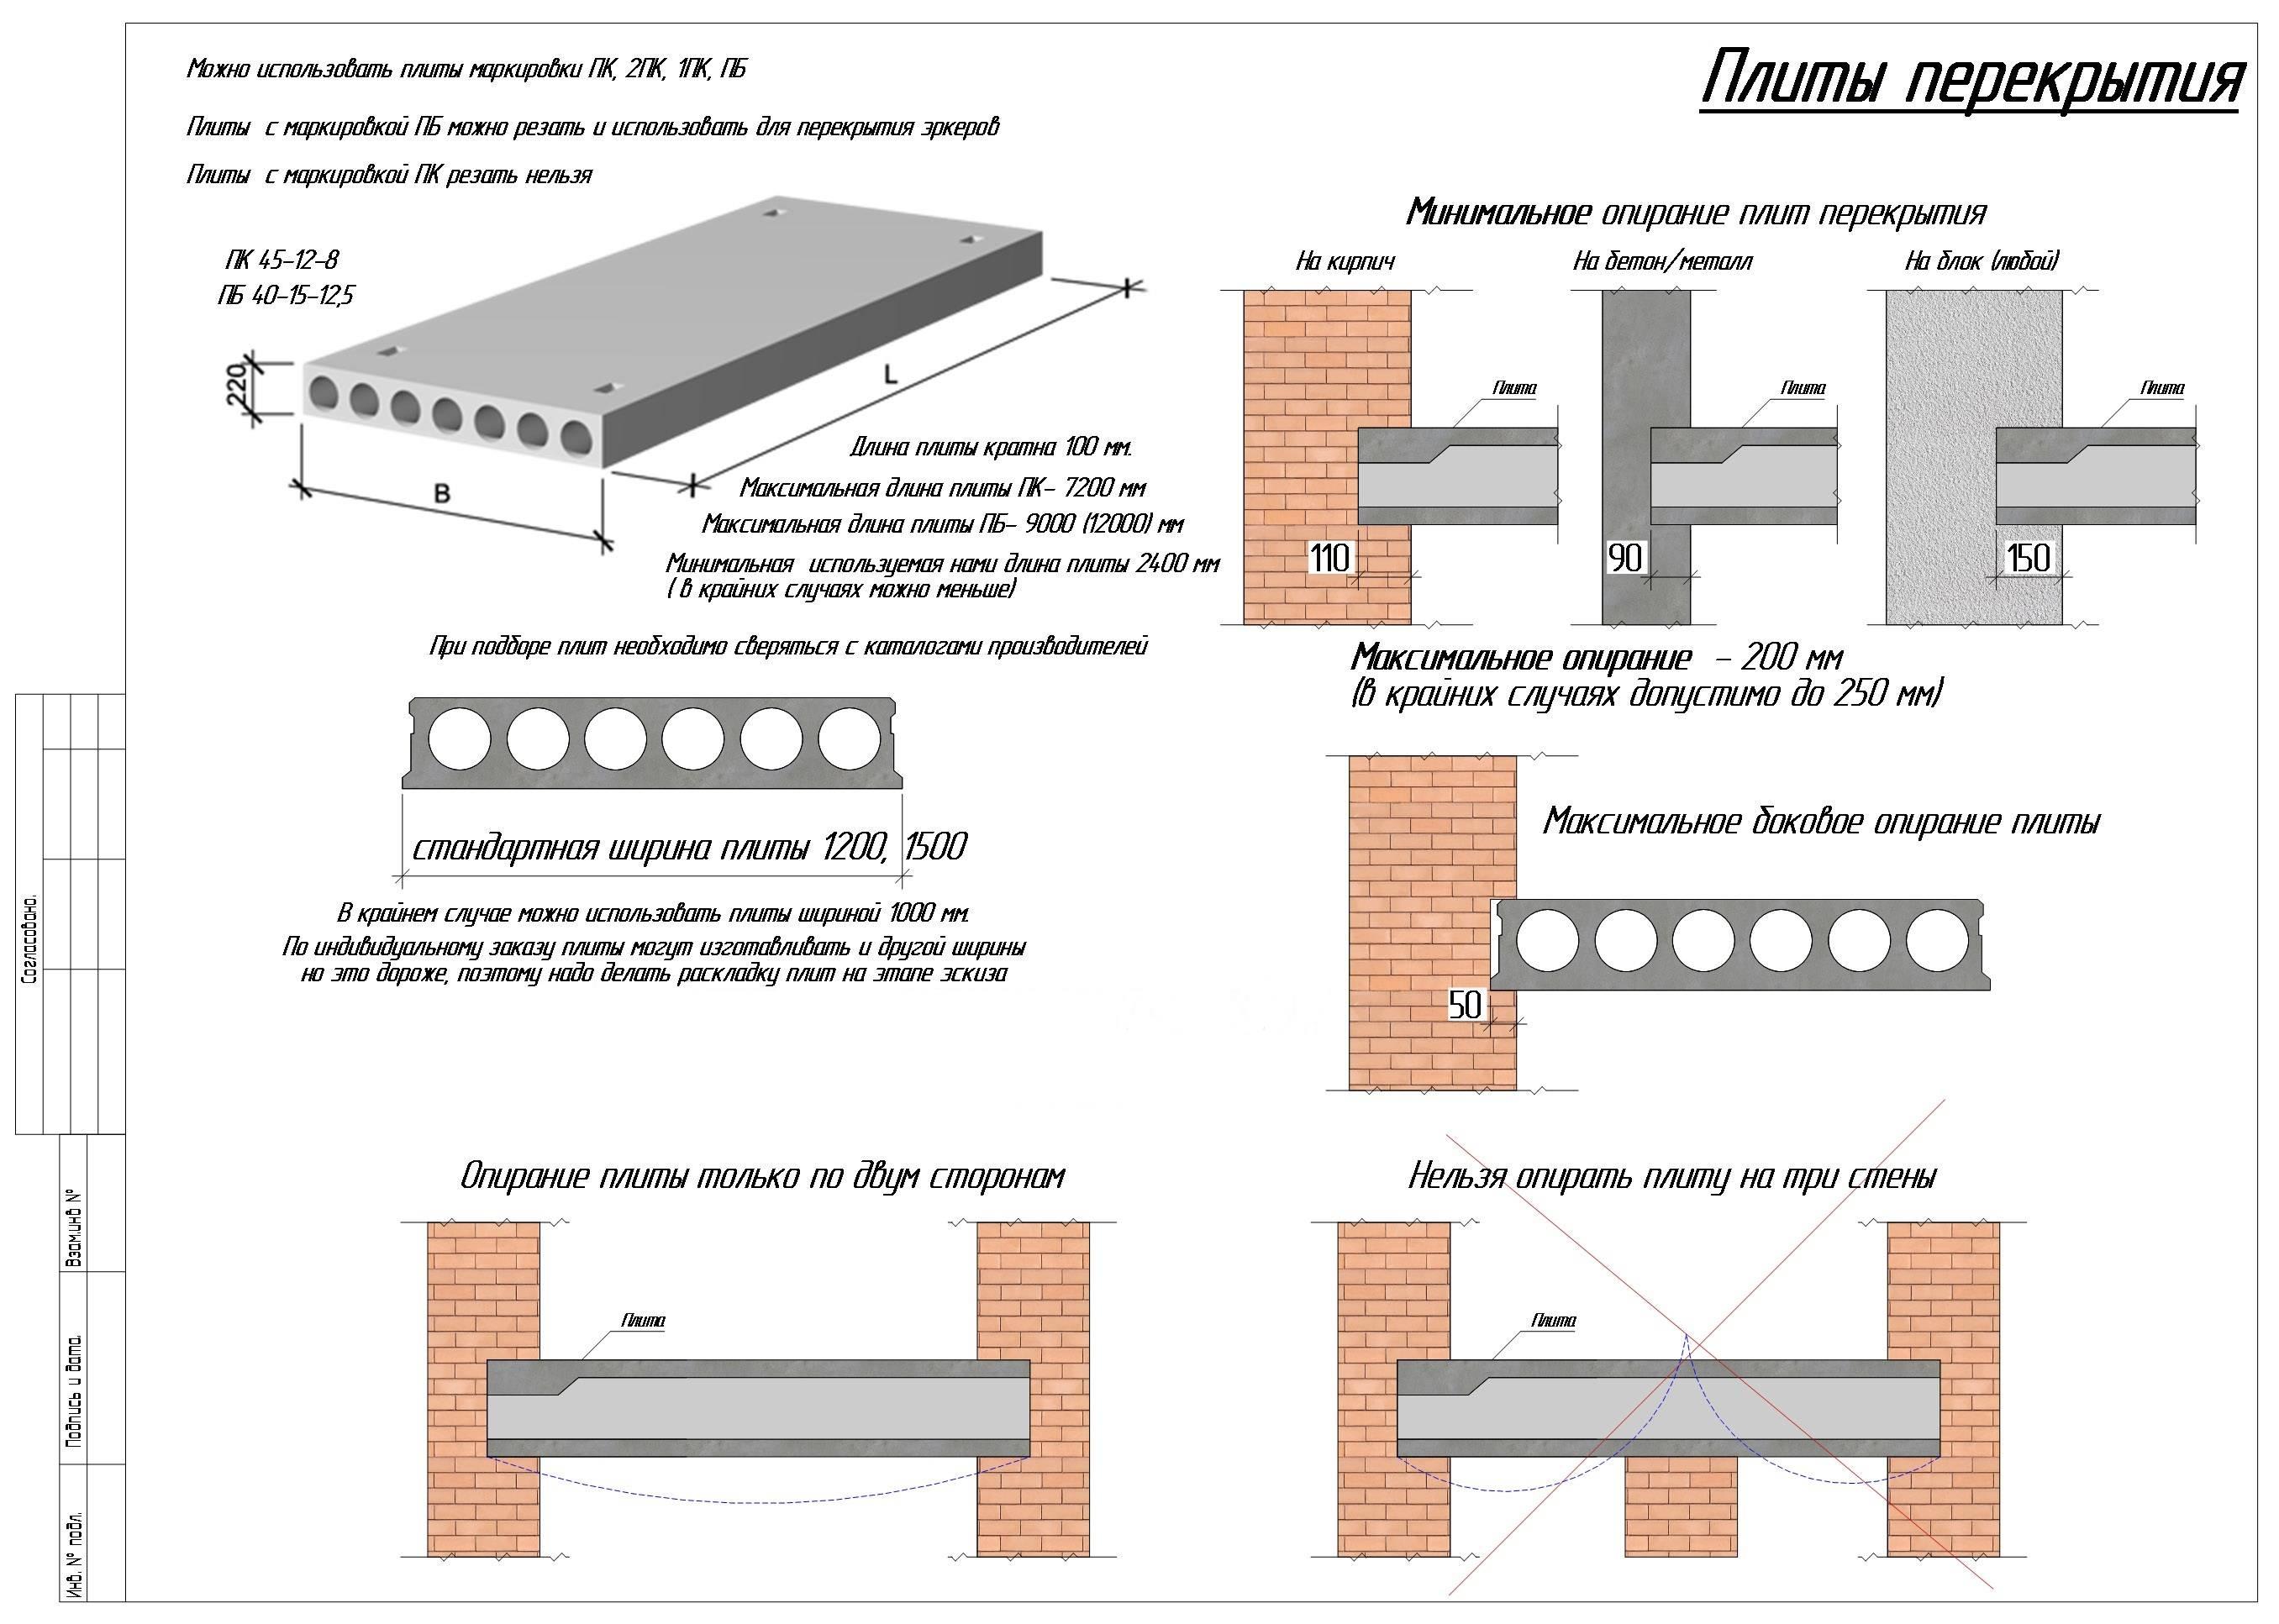 Правила установки перемычек над окнами - строительный журнал palitrabazar.ru